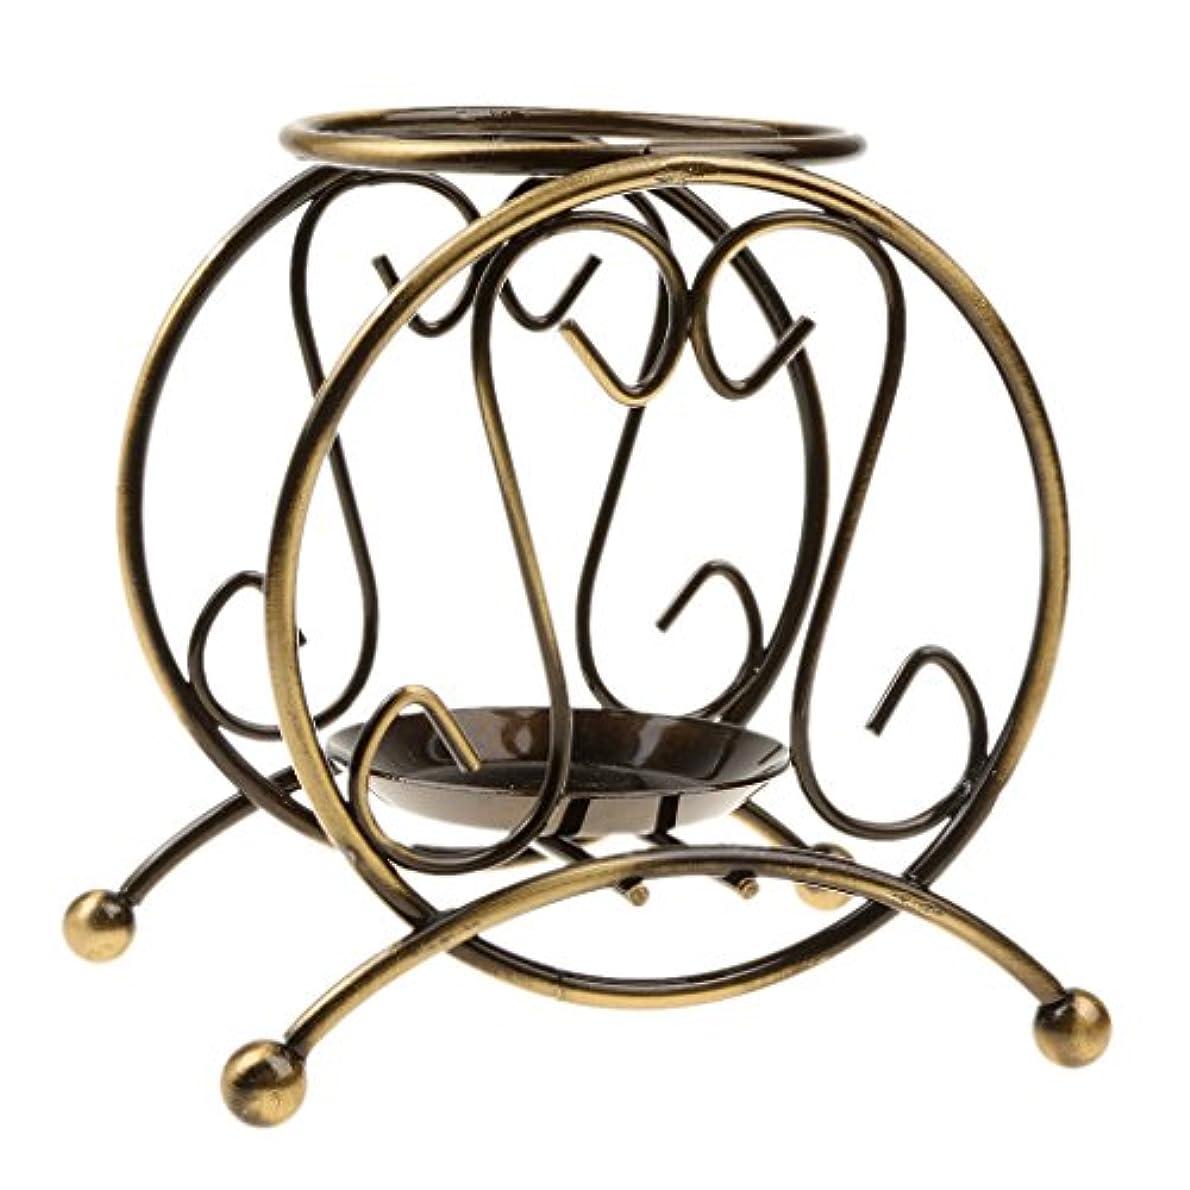 おばさん東ティモールコンパクトシャルキャンドルオイル ヒーター アコースティック バーナー 全9タイプ 金属 芳香剤 装飾 - 様式1